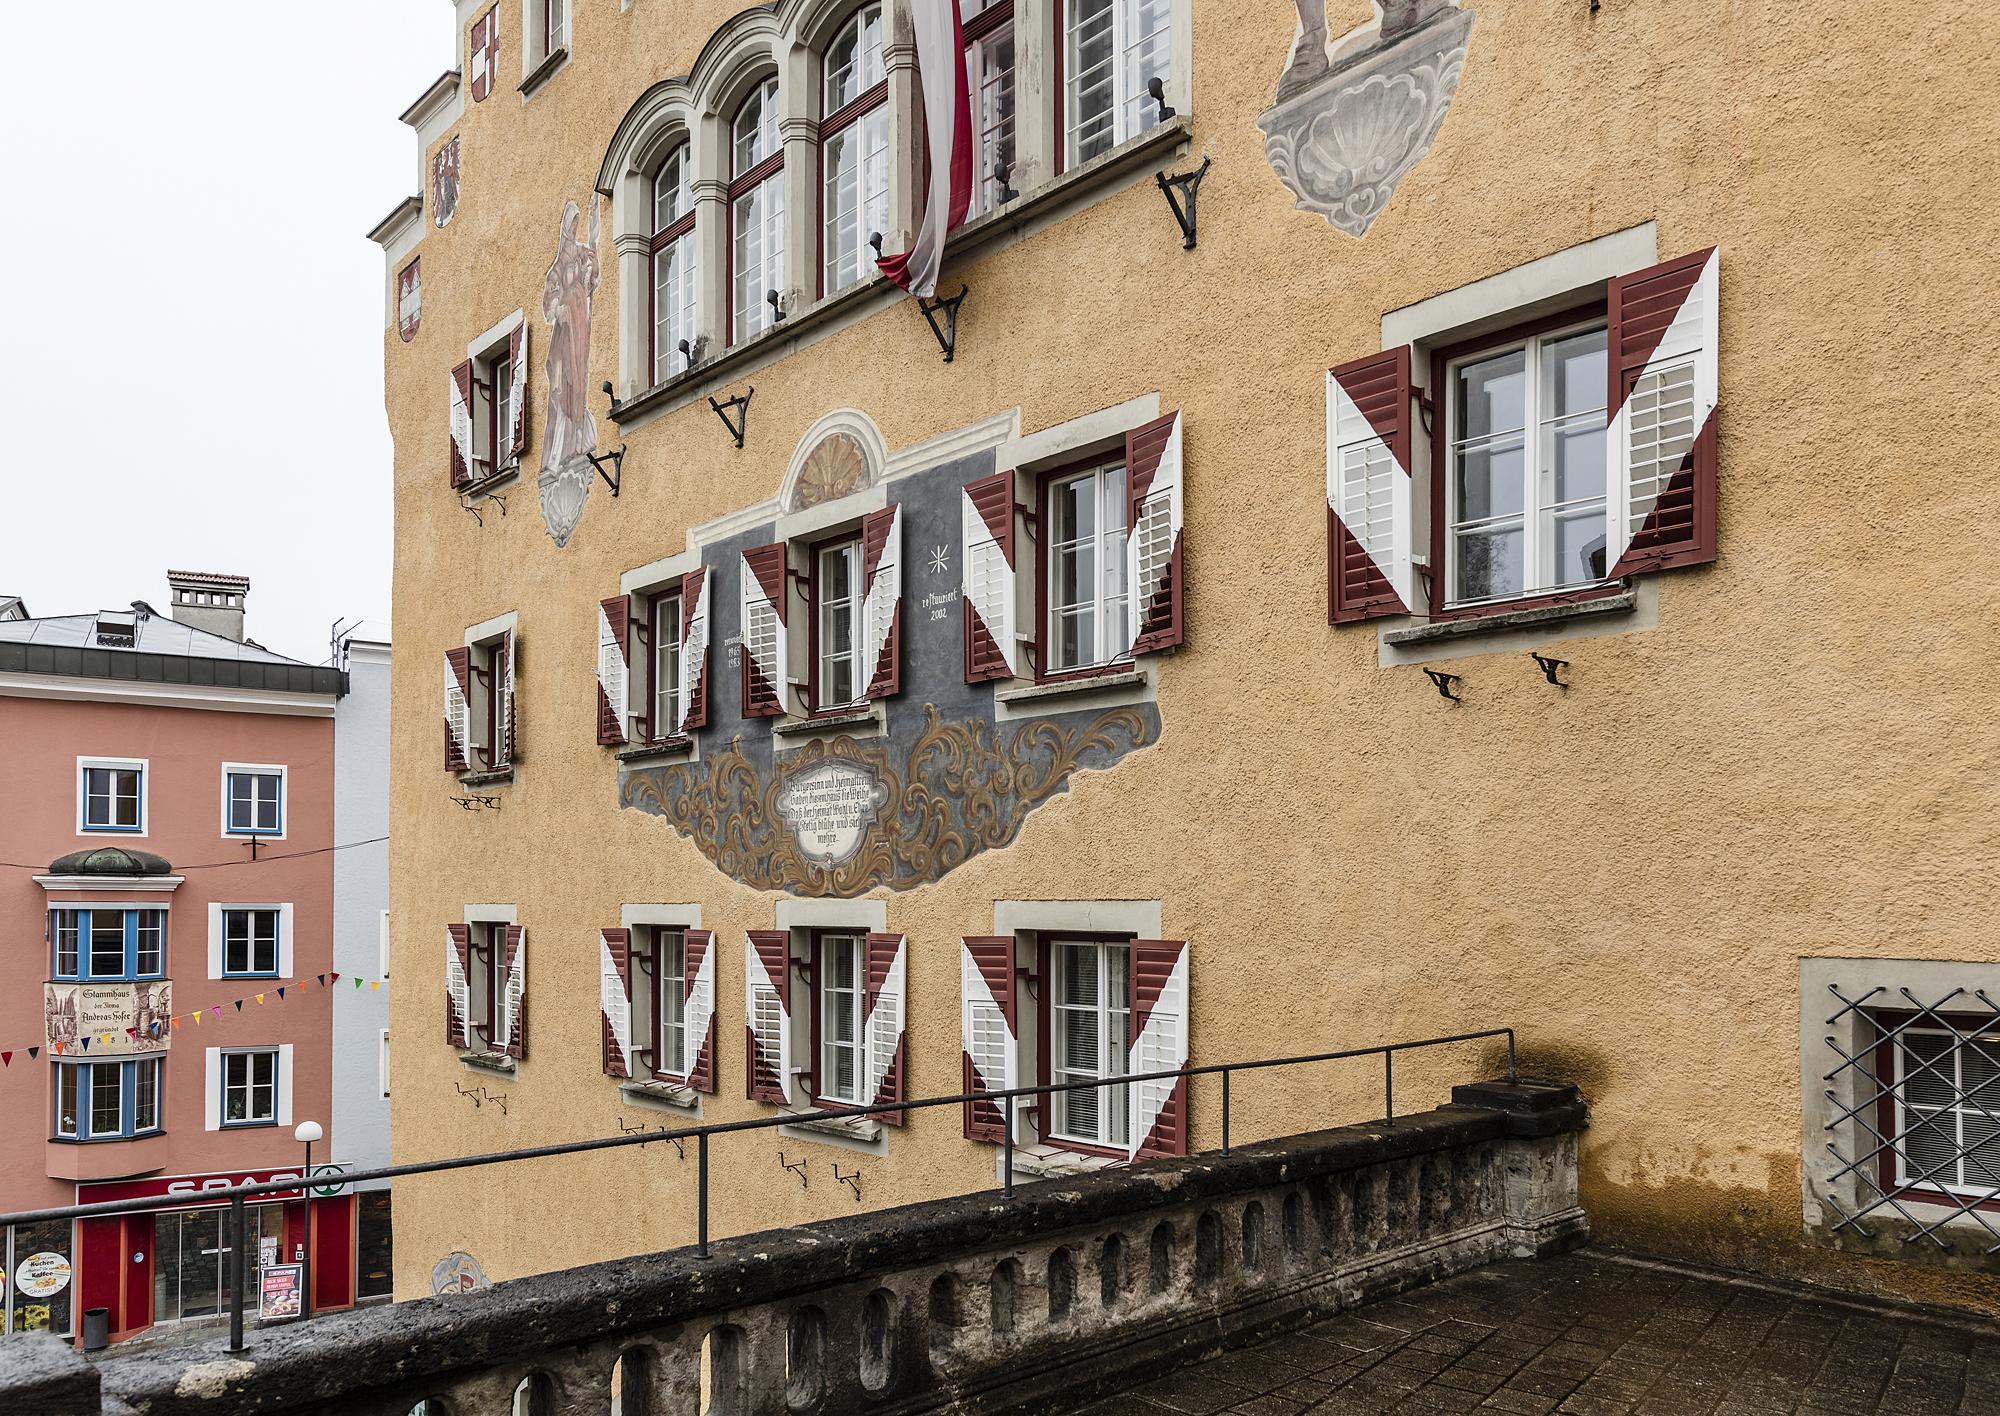 Rathaus-Kufstein_©marschall_8085